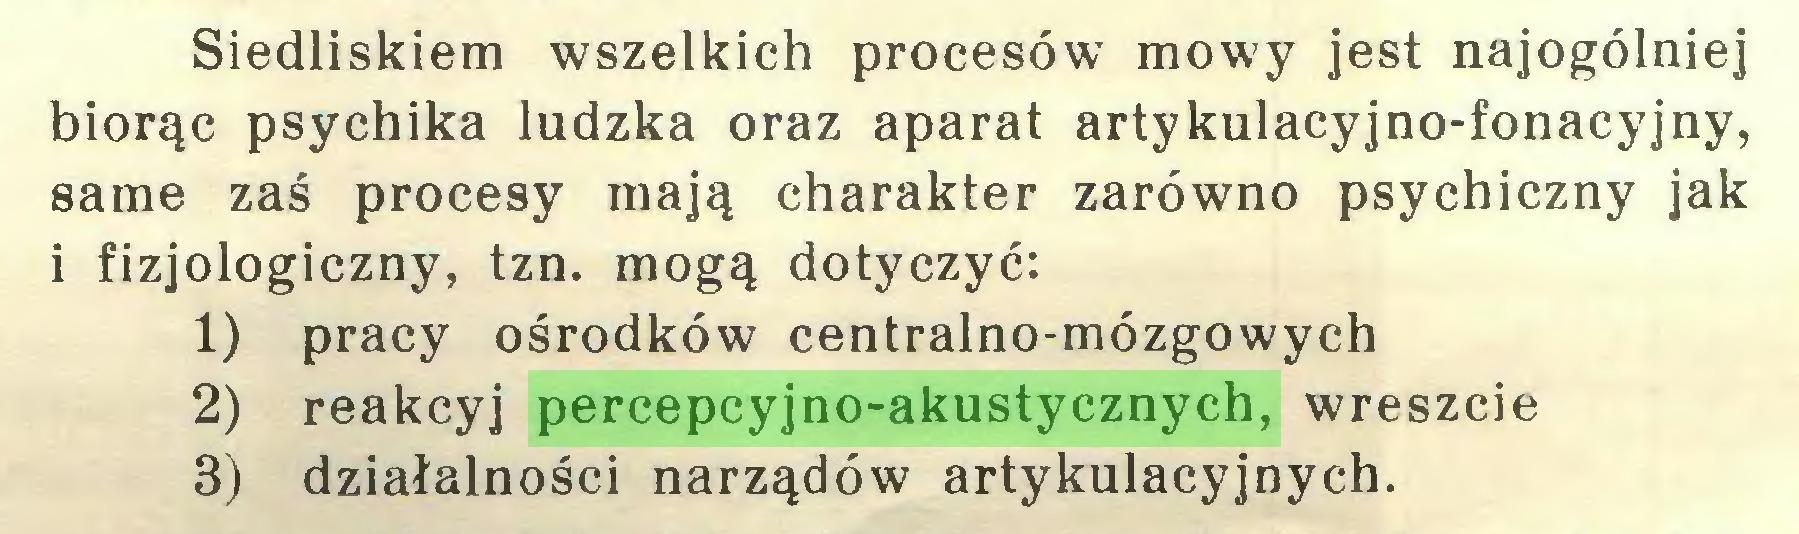 (...) Siedliskiem wszelkich procesów mowy jest najogólniej biorąc psychika ludzka oraz aparat artykulacyjno-fonacyjny, same zaś procesy mają charakter zarówno psychiczny jak i fizjologiczny, tzn. mogą dotyczyć: 1) pracy ośrodków centralno-mózgowych 2) reakcyj percepcyjno-akustycznych, wreszcie 3) działalności narządów artykulacyjnych...